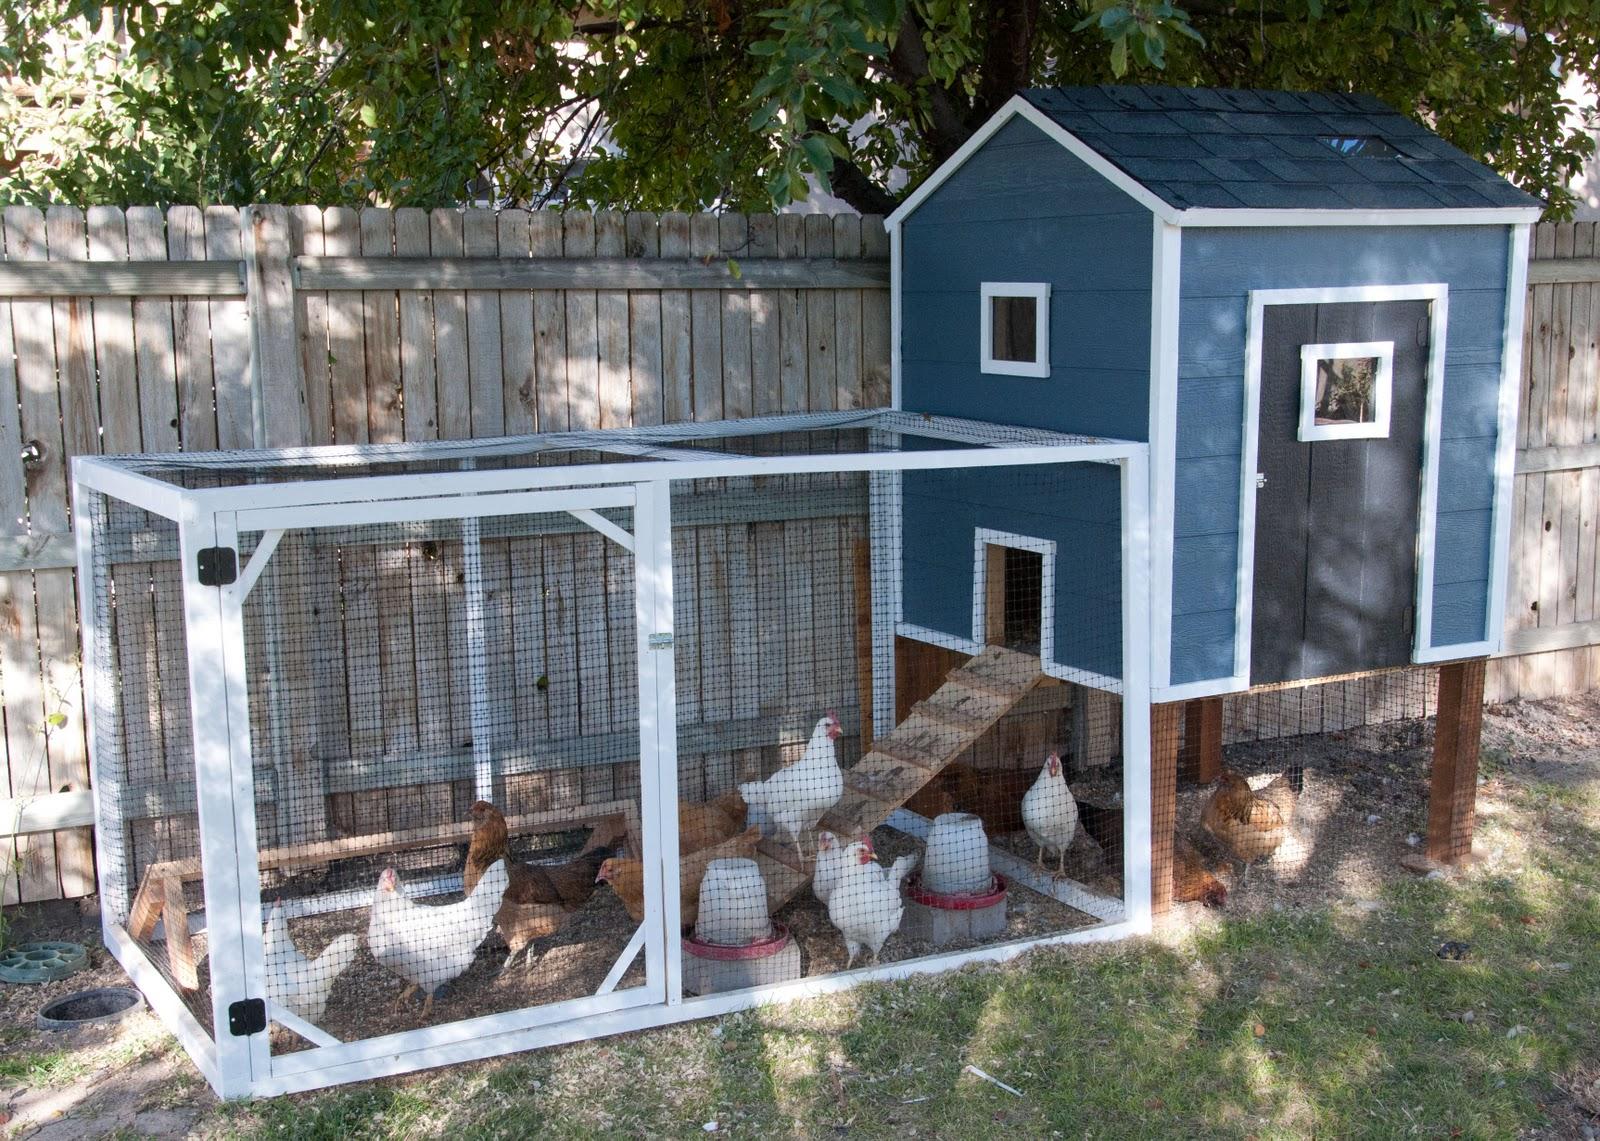 Курятники для кур-несушек своими руками (28 фото): как обустроить сарай внутри, устройство и чертежи, как правильно построить птичник